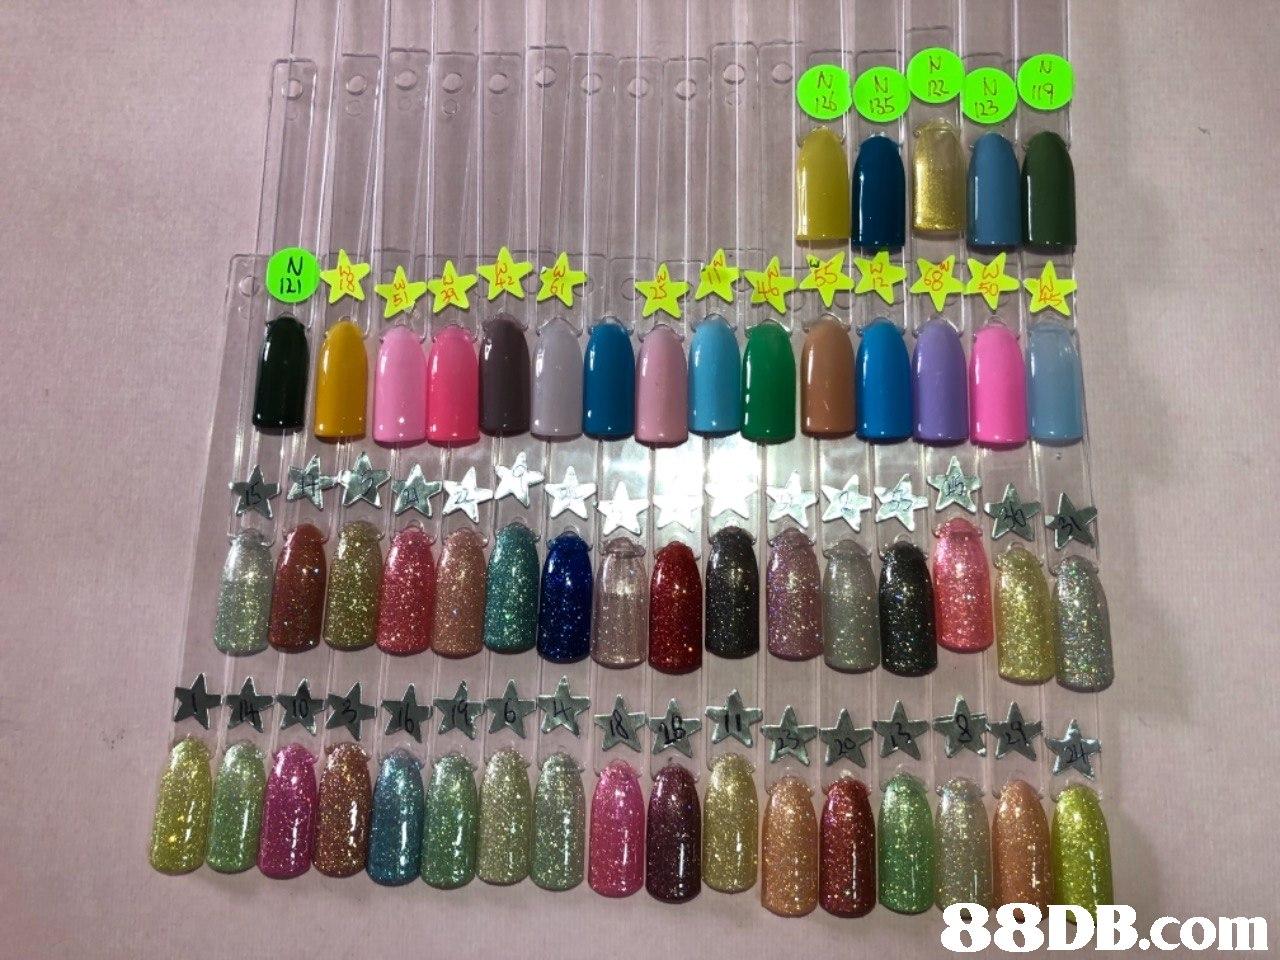 12ろ 1LI   Nail care,Nail polish,Cosmetics,Glitter,Fashion accessory